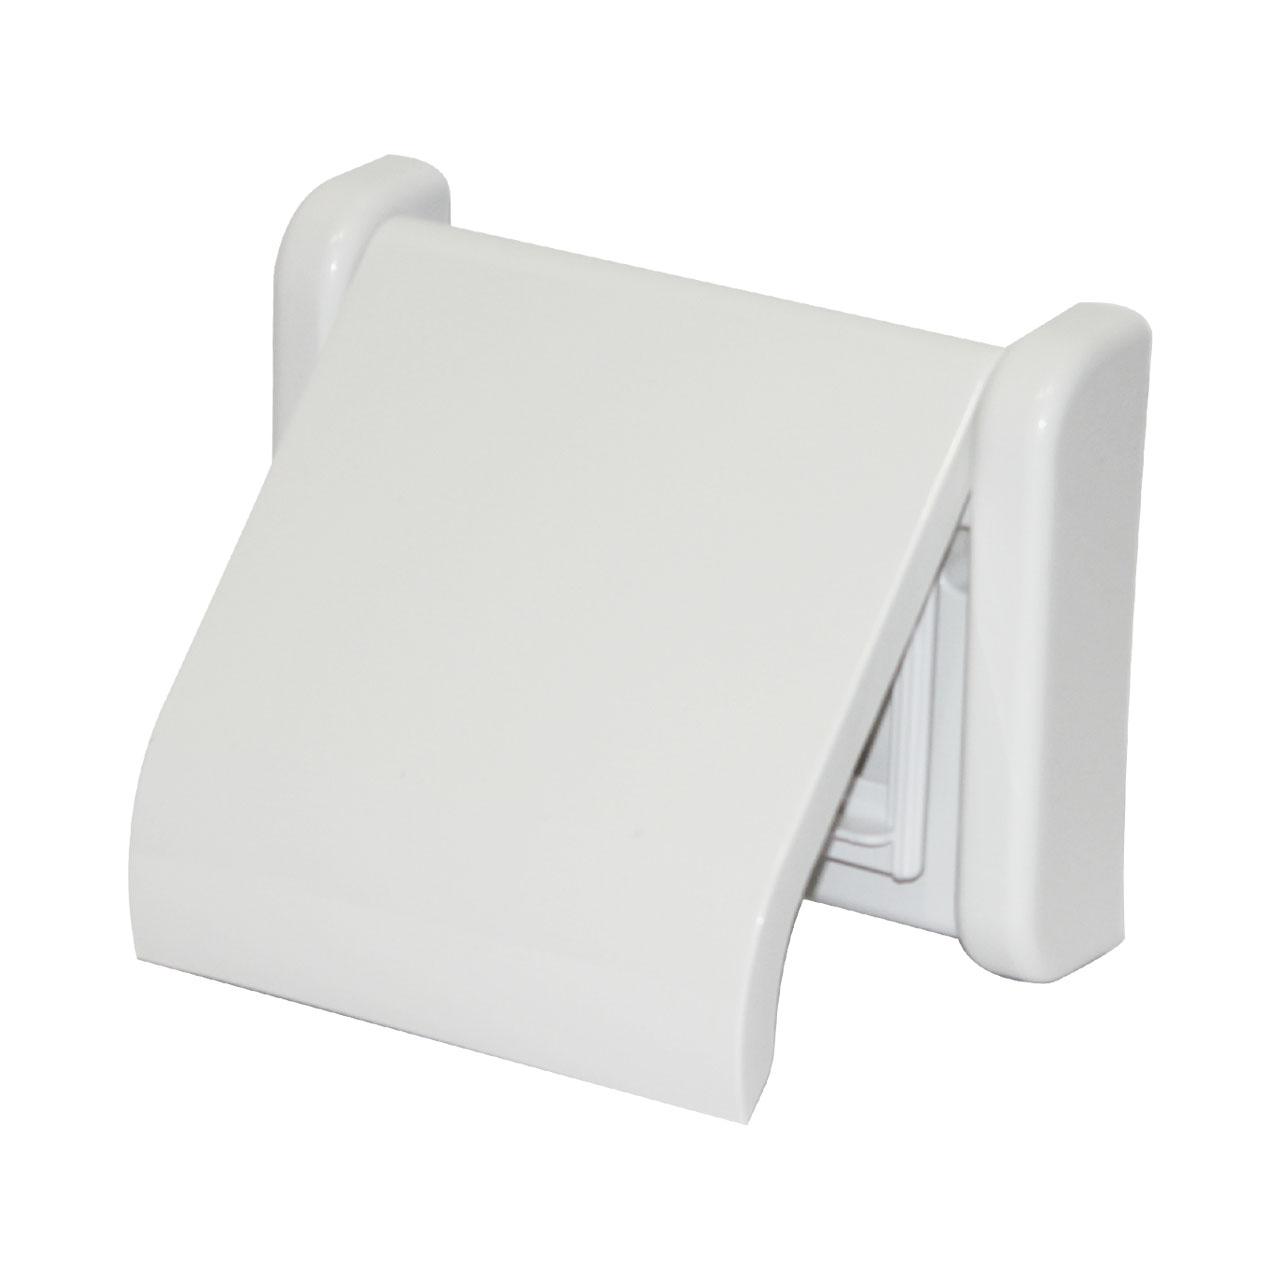 پایه رول دستمال کاغذی پرمیس مدل Jessi